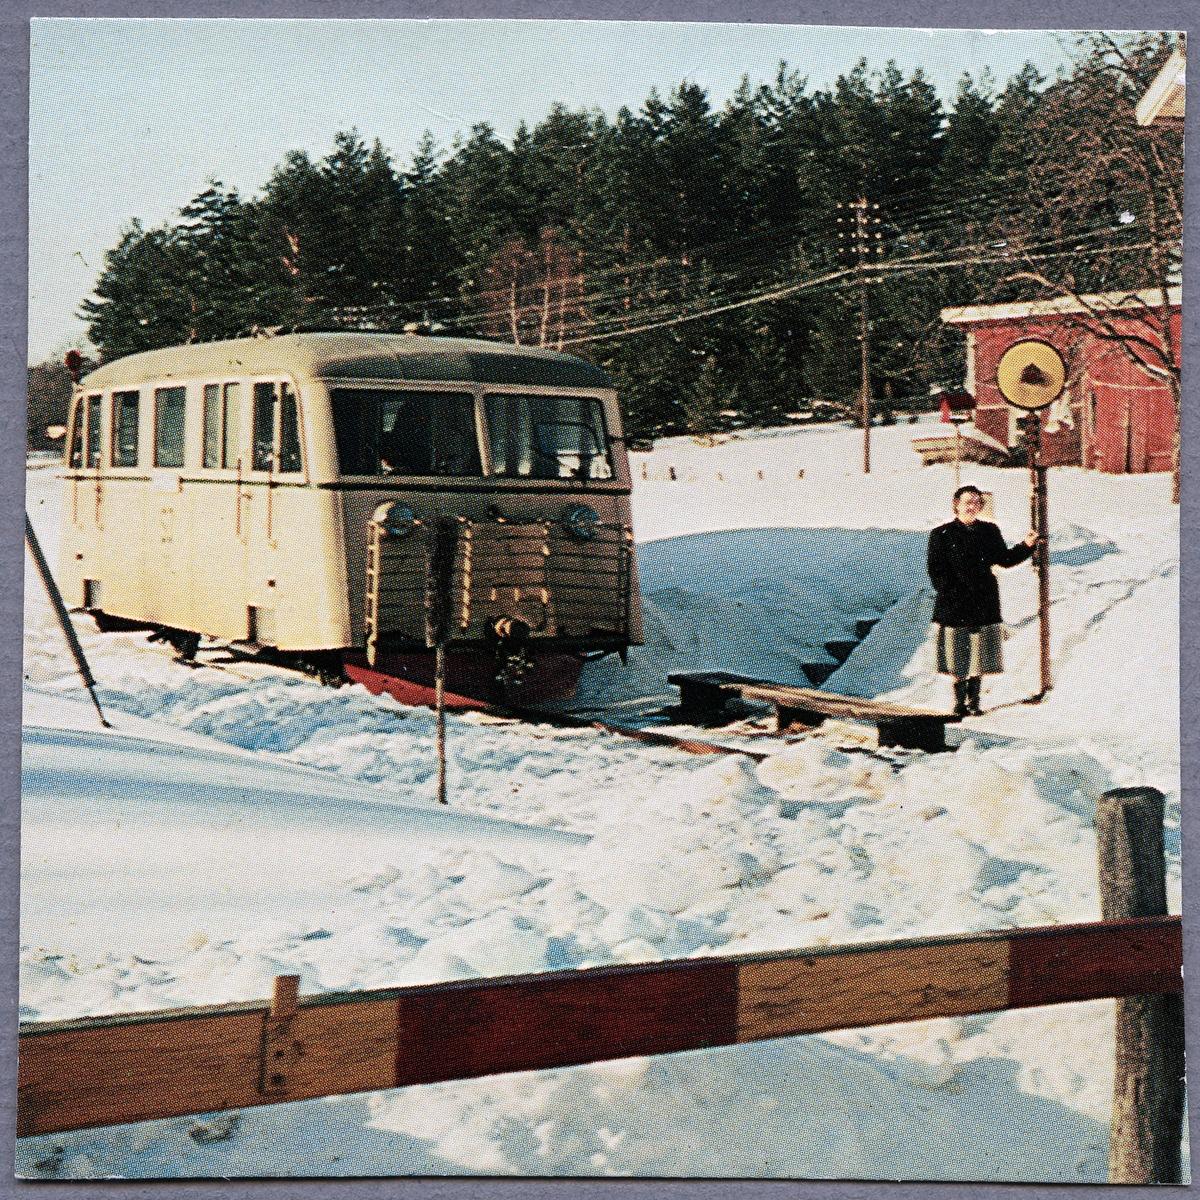 Statens Järnvägar, SJ YP 727 i Vassemåla.